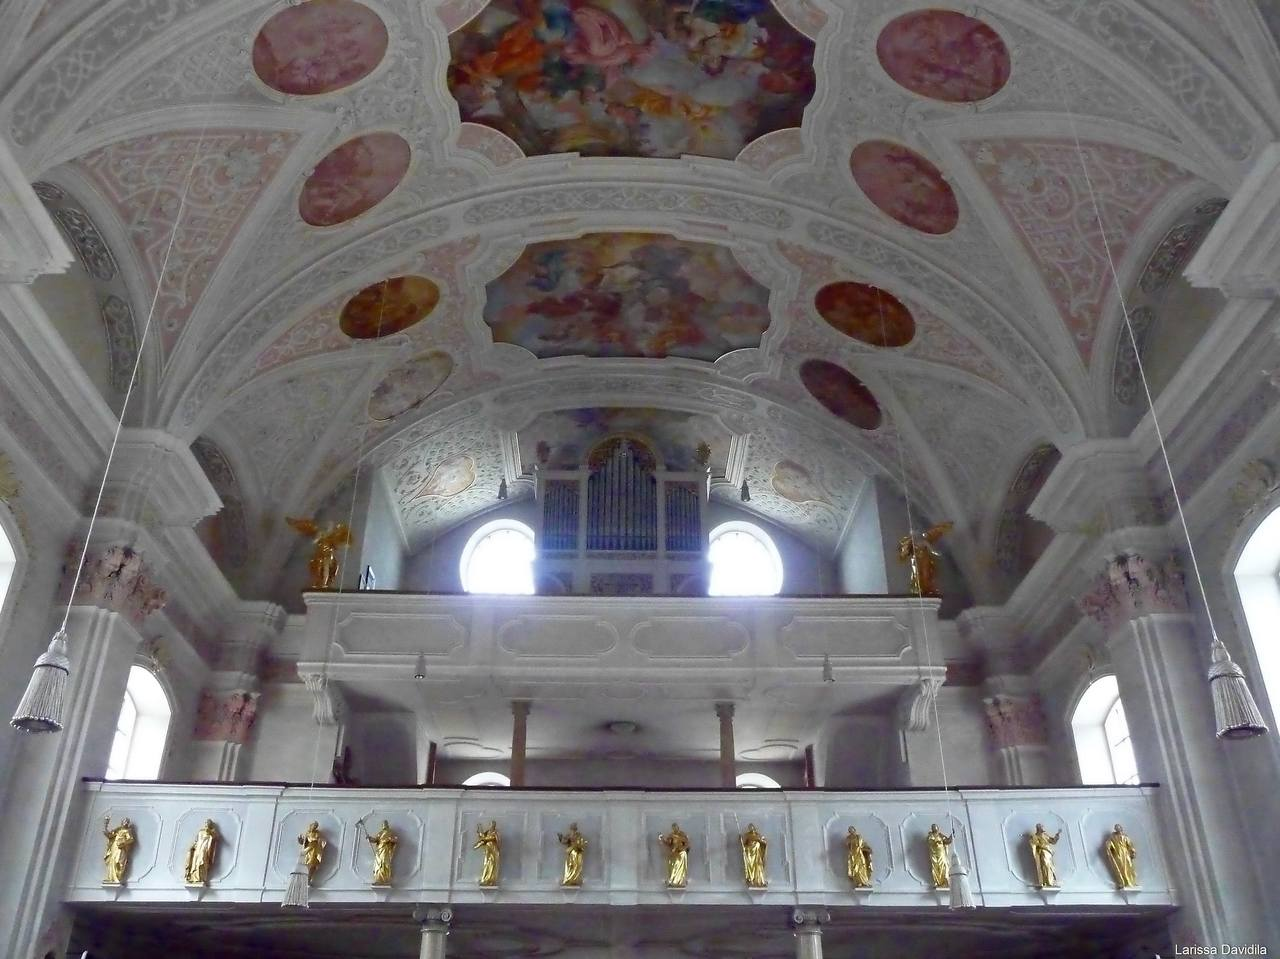 St. Johann -25-8-08 (27)